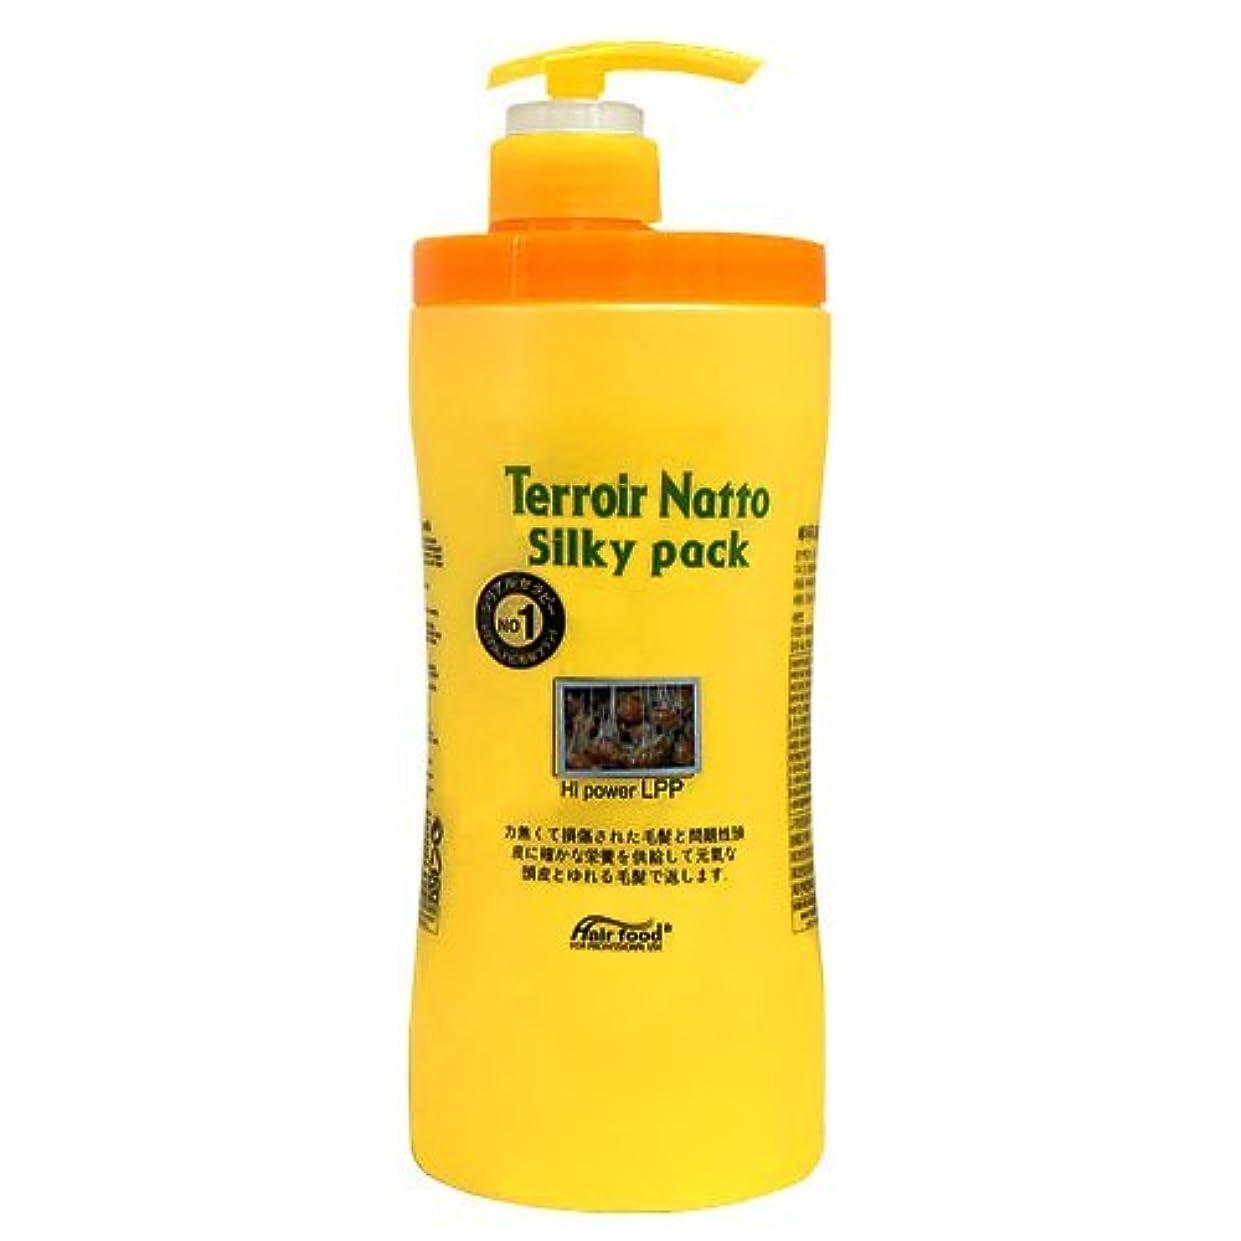 実行農業のありがたいテロワール 納豆 シルキー パック ハイ パワー LPP 1000ml ヘア パック トリートメント - ビフォー アフター ケミカル トリートメント ( Terroir Natto Silky Pack Hi Power...